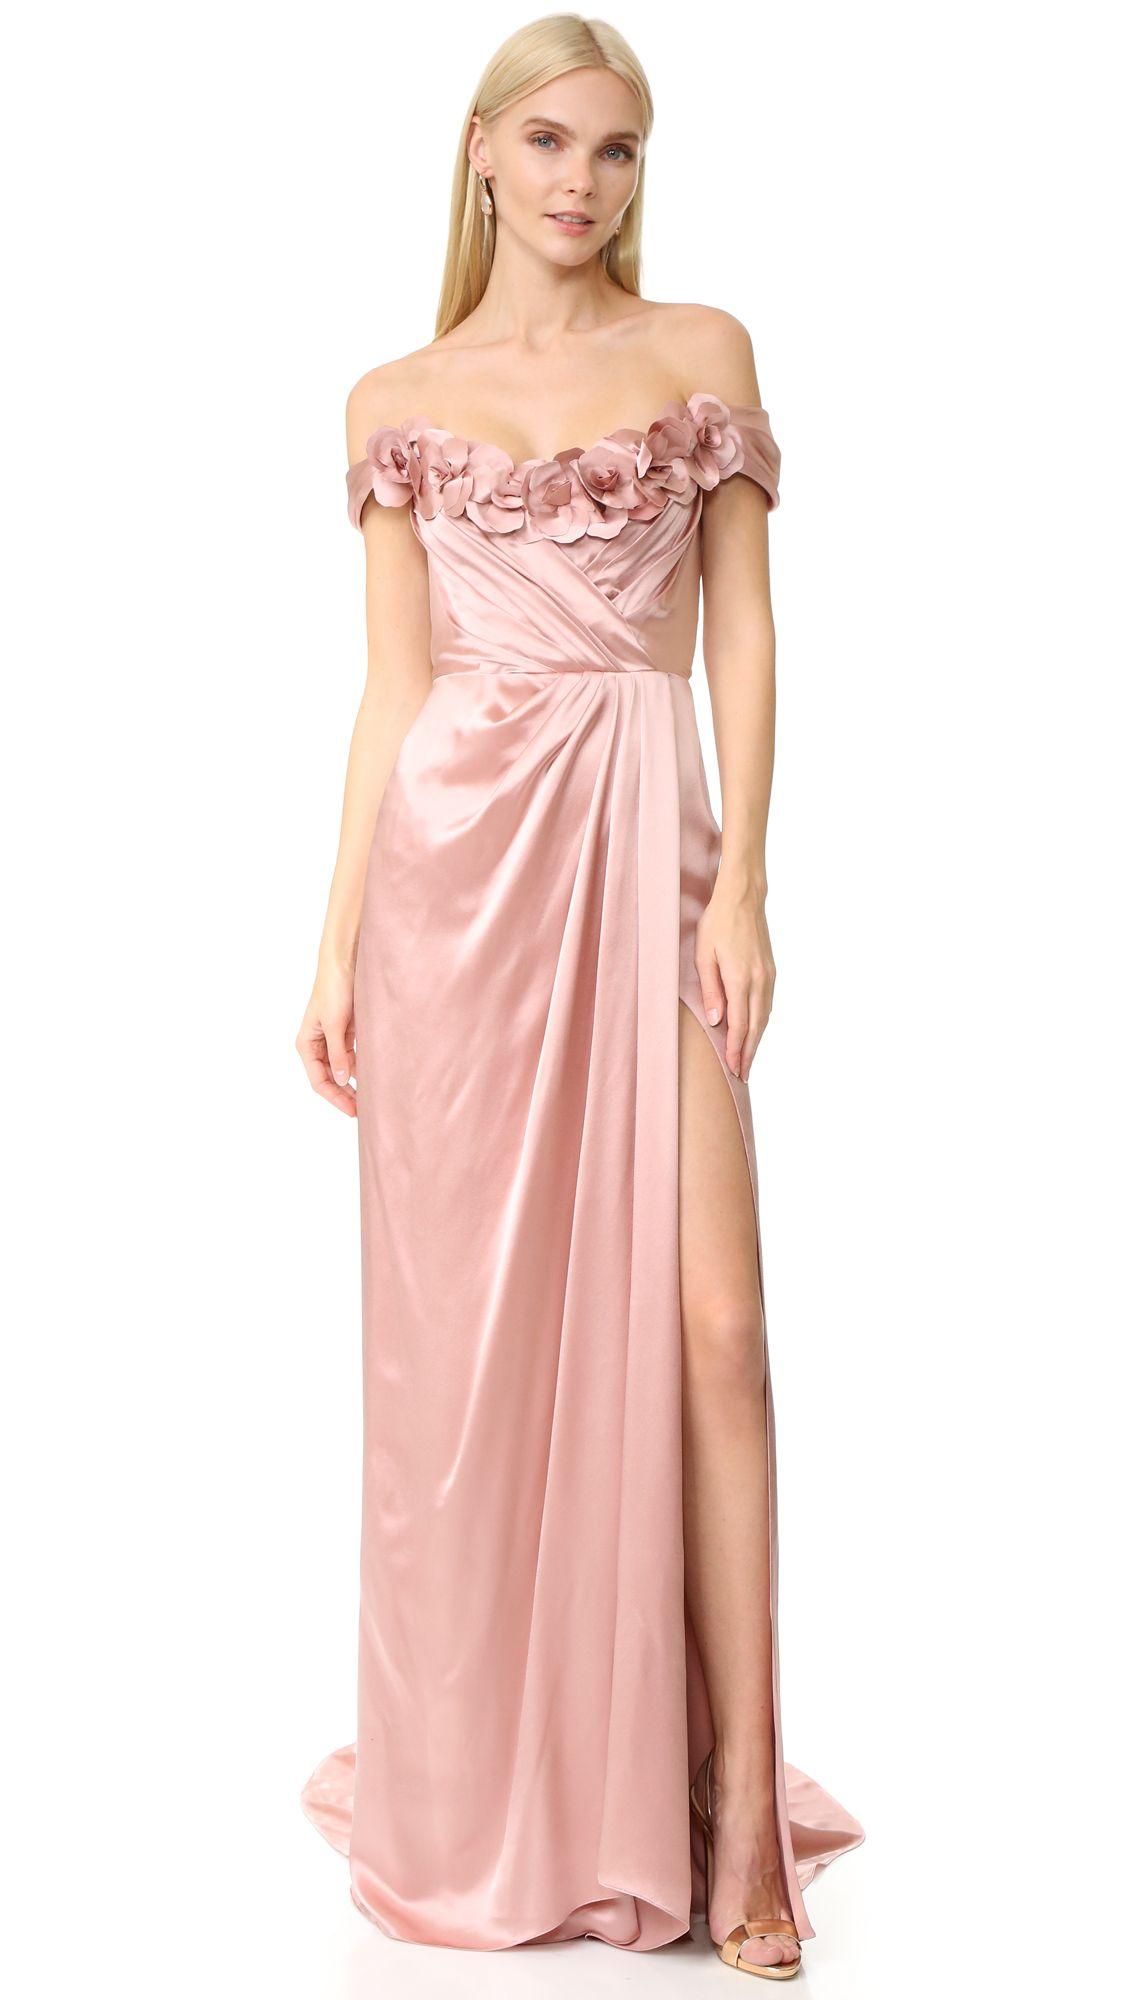 Marchesa Satin Gown   Detalii Couture   Pinterest   Moda rosada ...